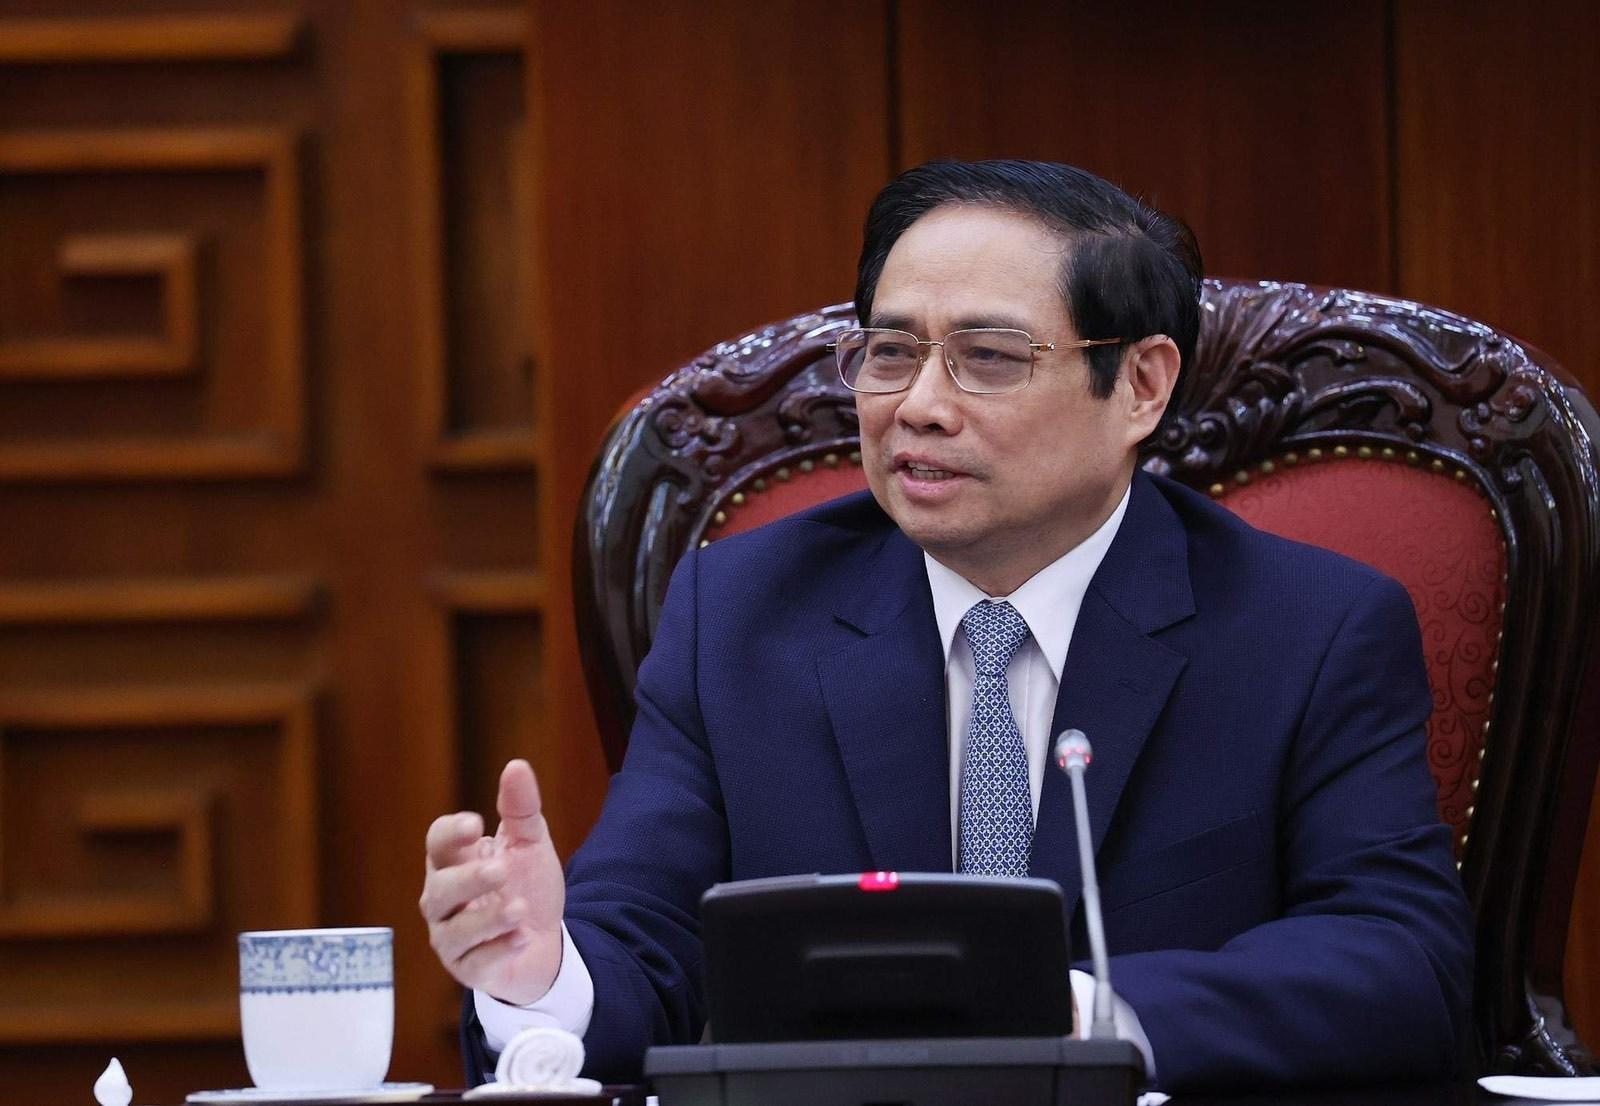 Trung Quốc viện trợ thêm cho Việt Nam 2 triệu liều vắc xin Covid-19